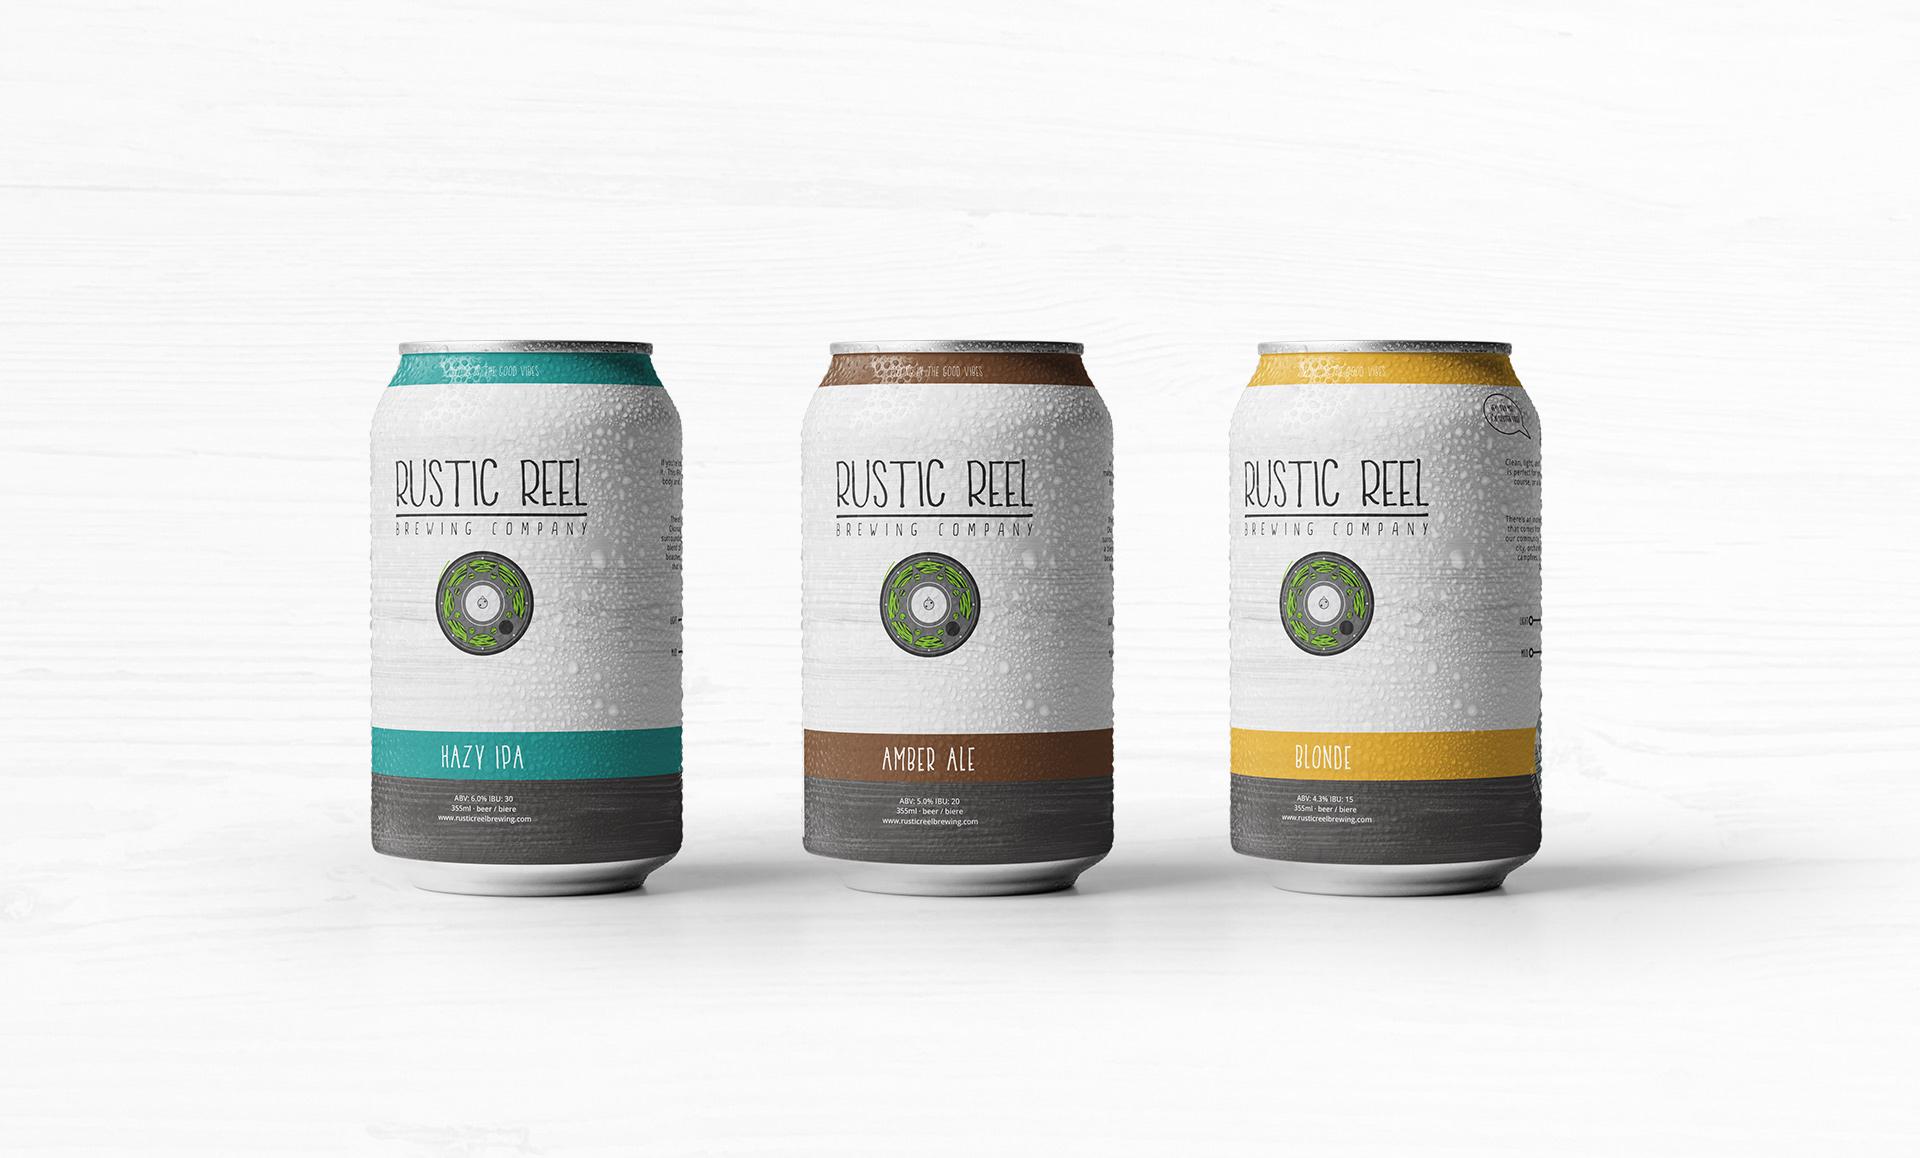 kelowna brewery marketing can packaging designs